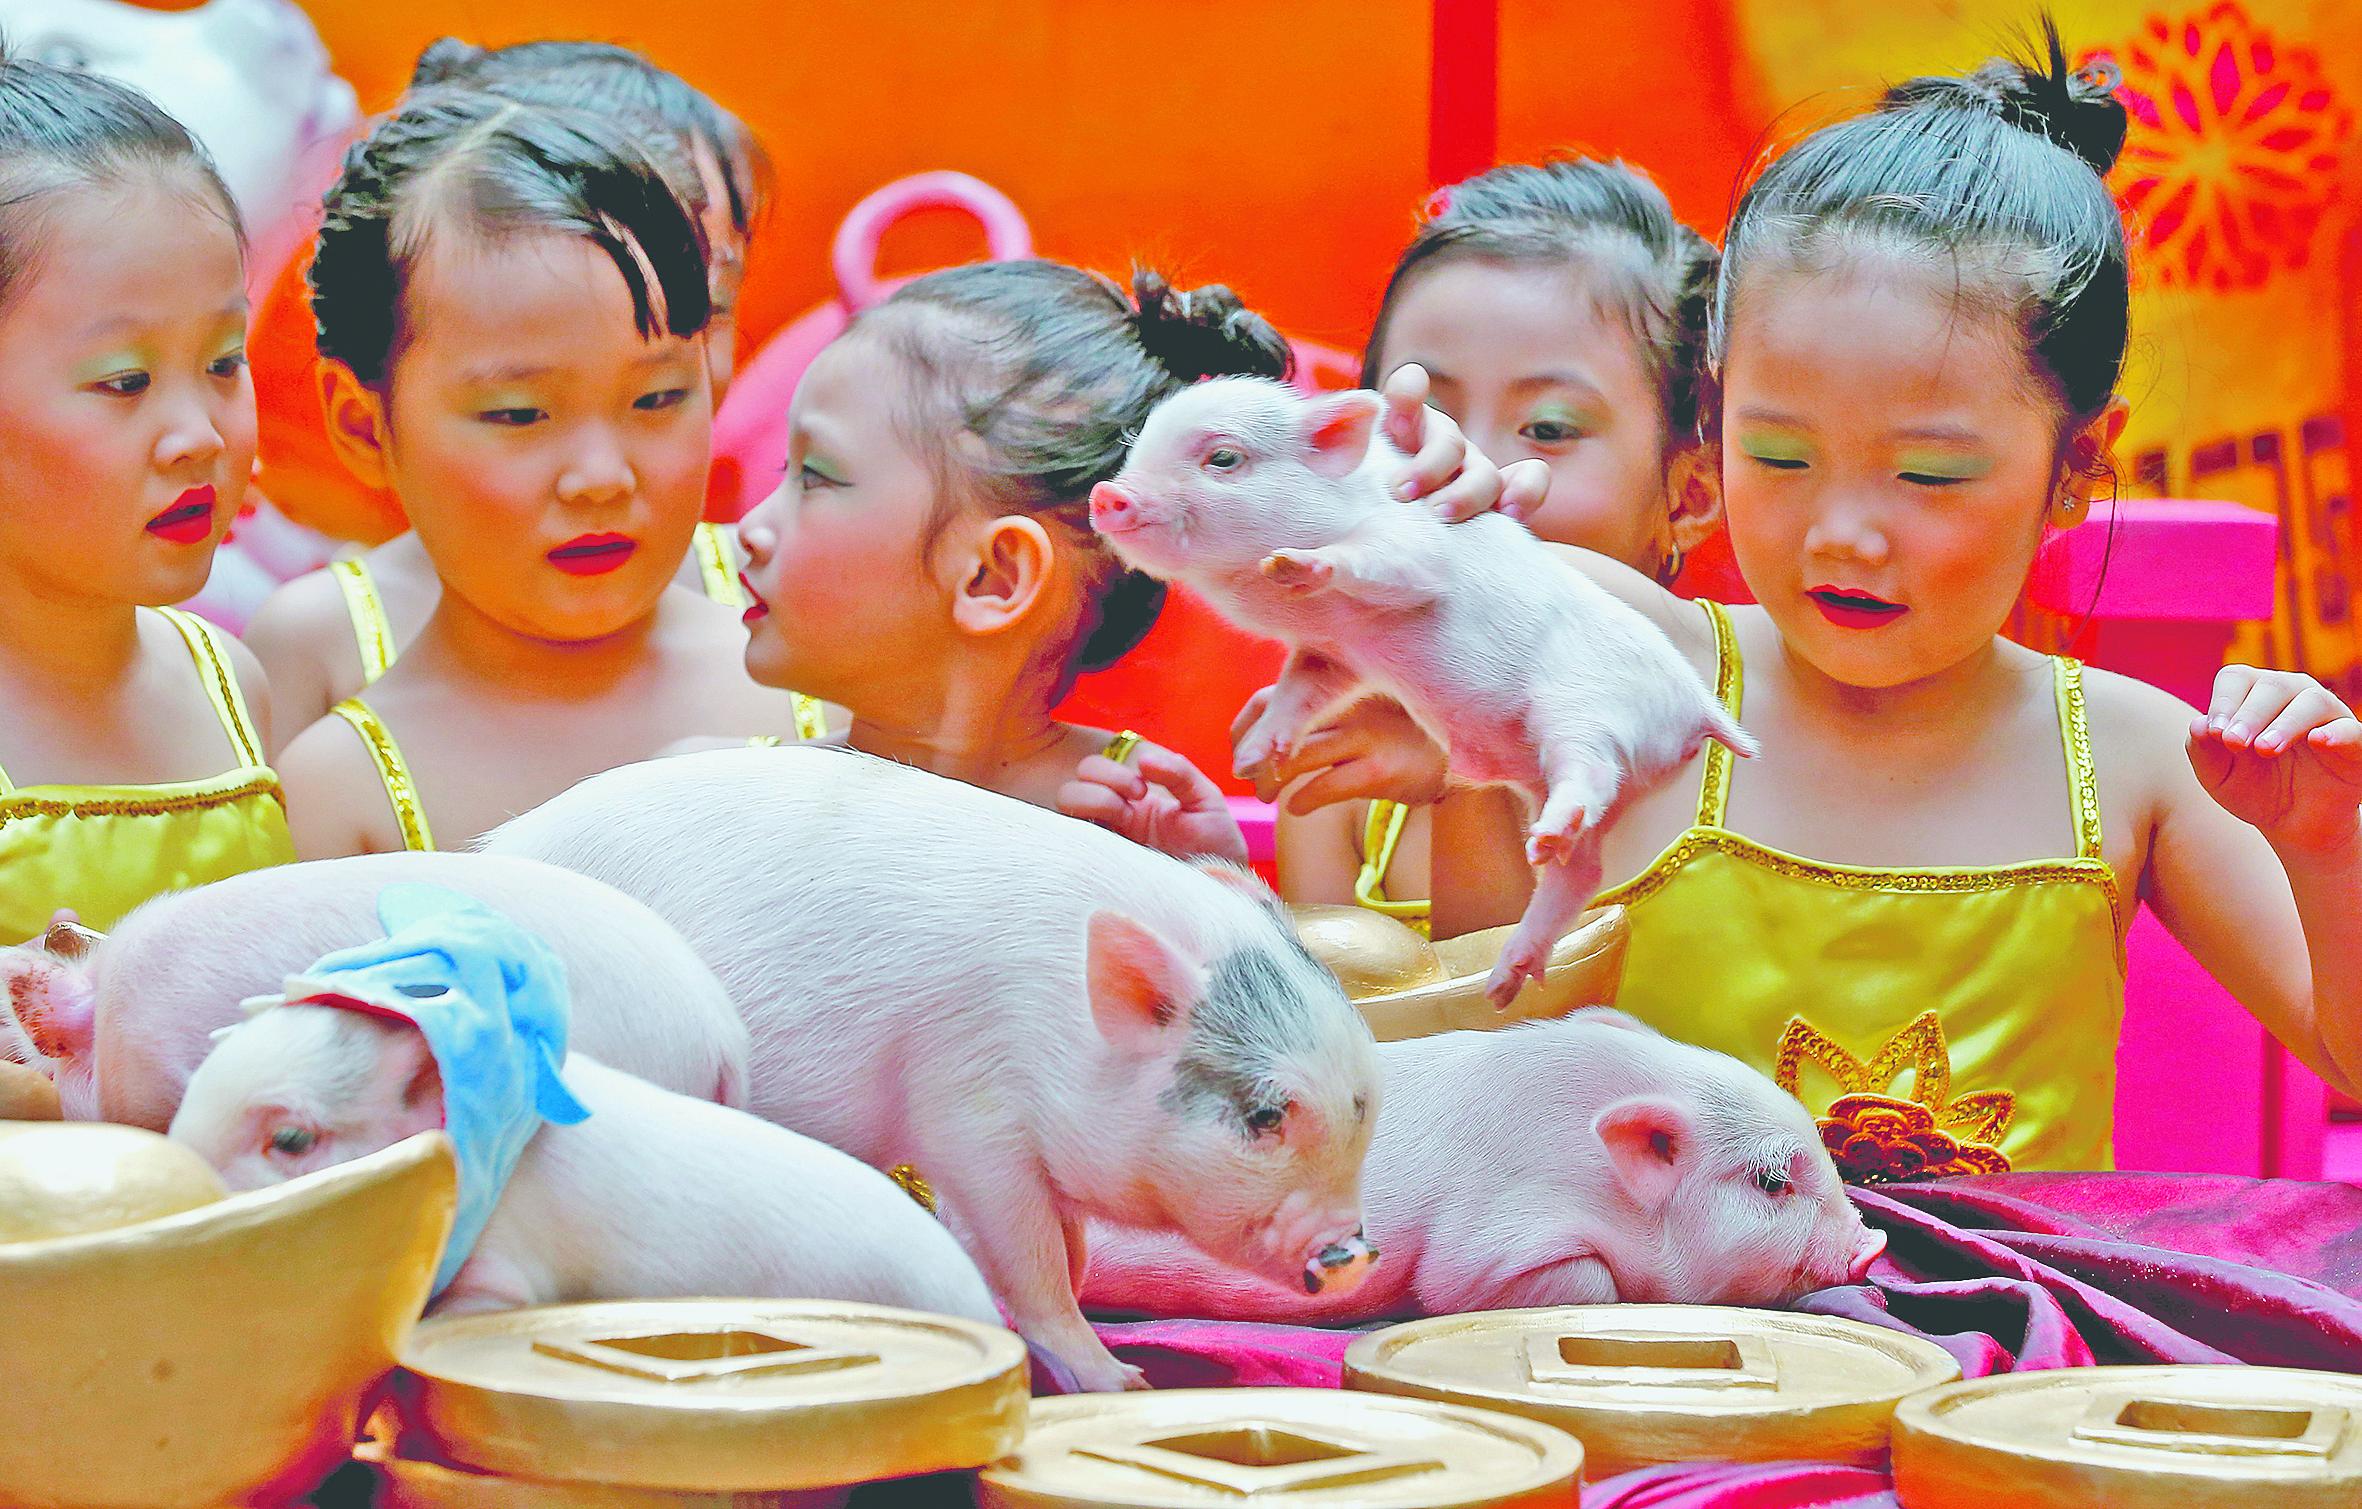 Újévköszöntő szerencsehozó törpemalacokkal a manilai kínai negyedben